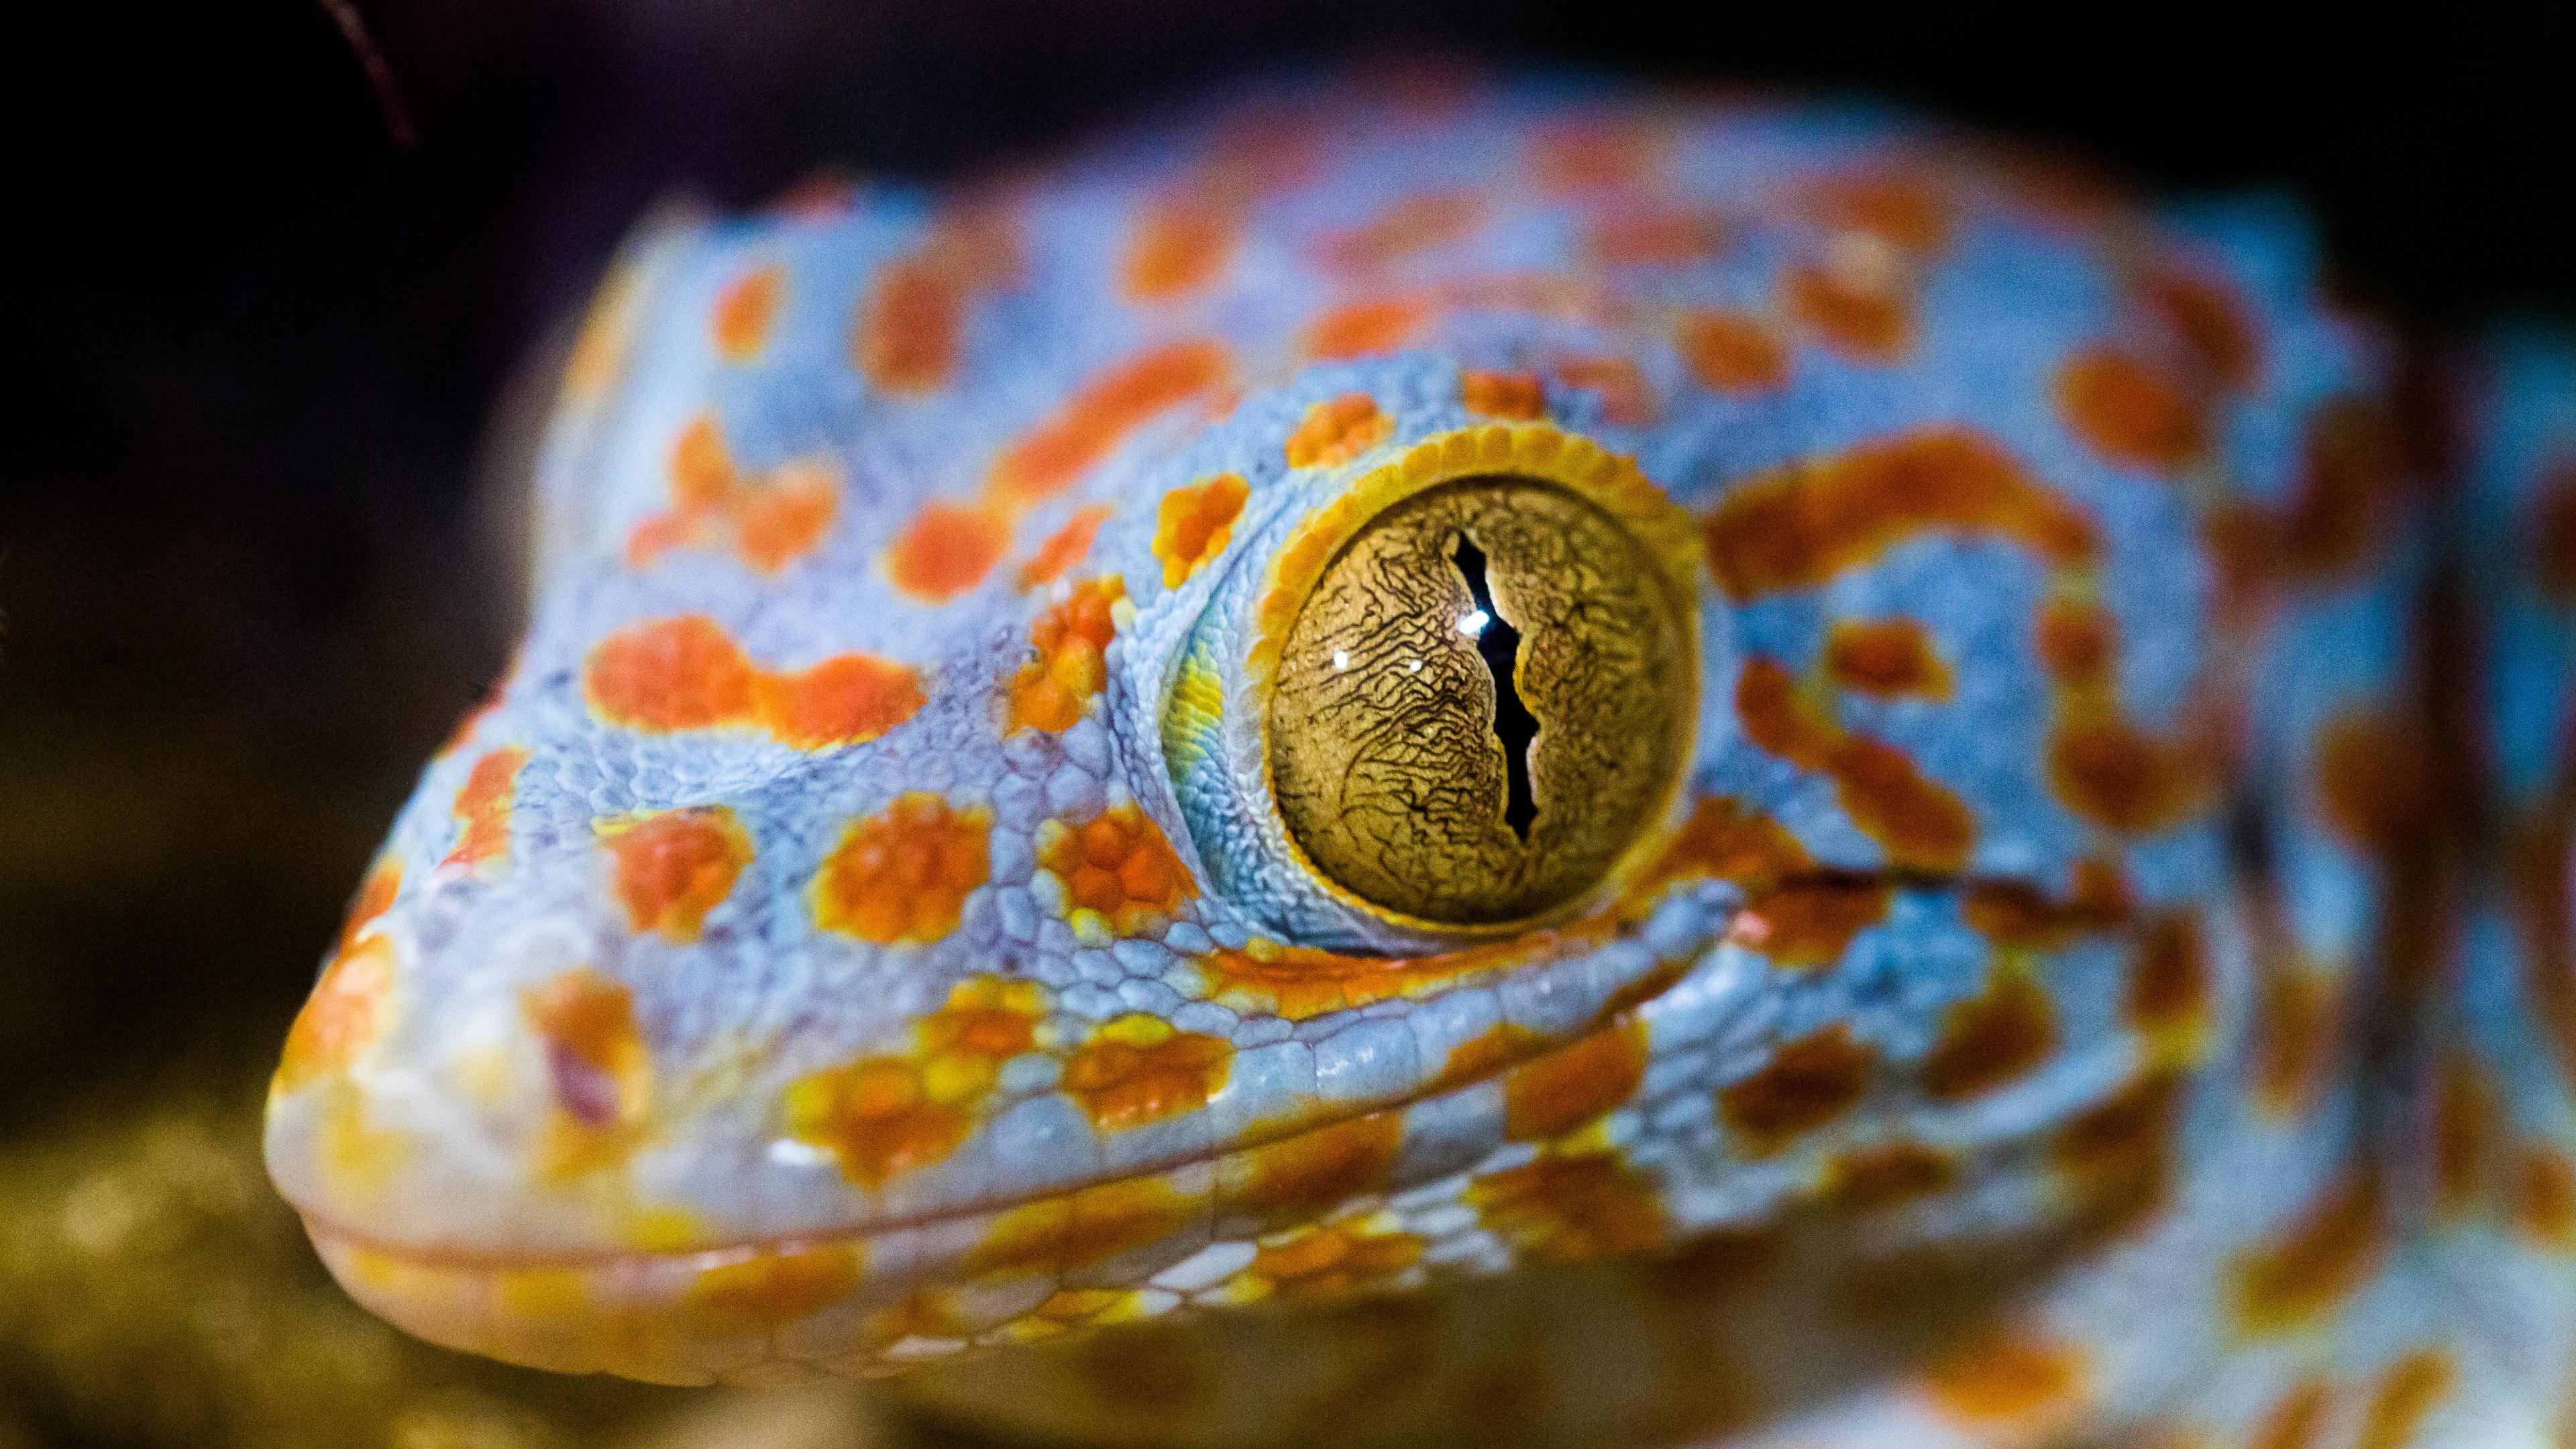 lizard eye macro 4k 1542239630 - Lizard Eye Macro 4k - reptile wallpapers, macro wallpapershd wallpapers, macro wallpapers, lizard wallpapers, animals wallpapers, 4k-wallpapers